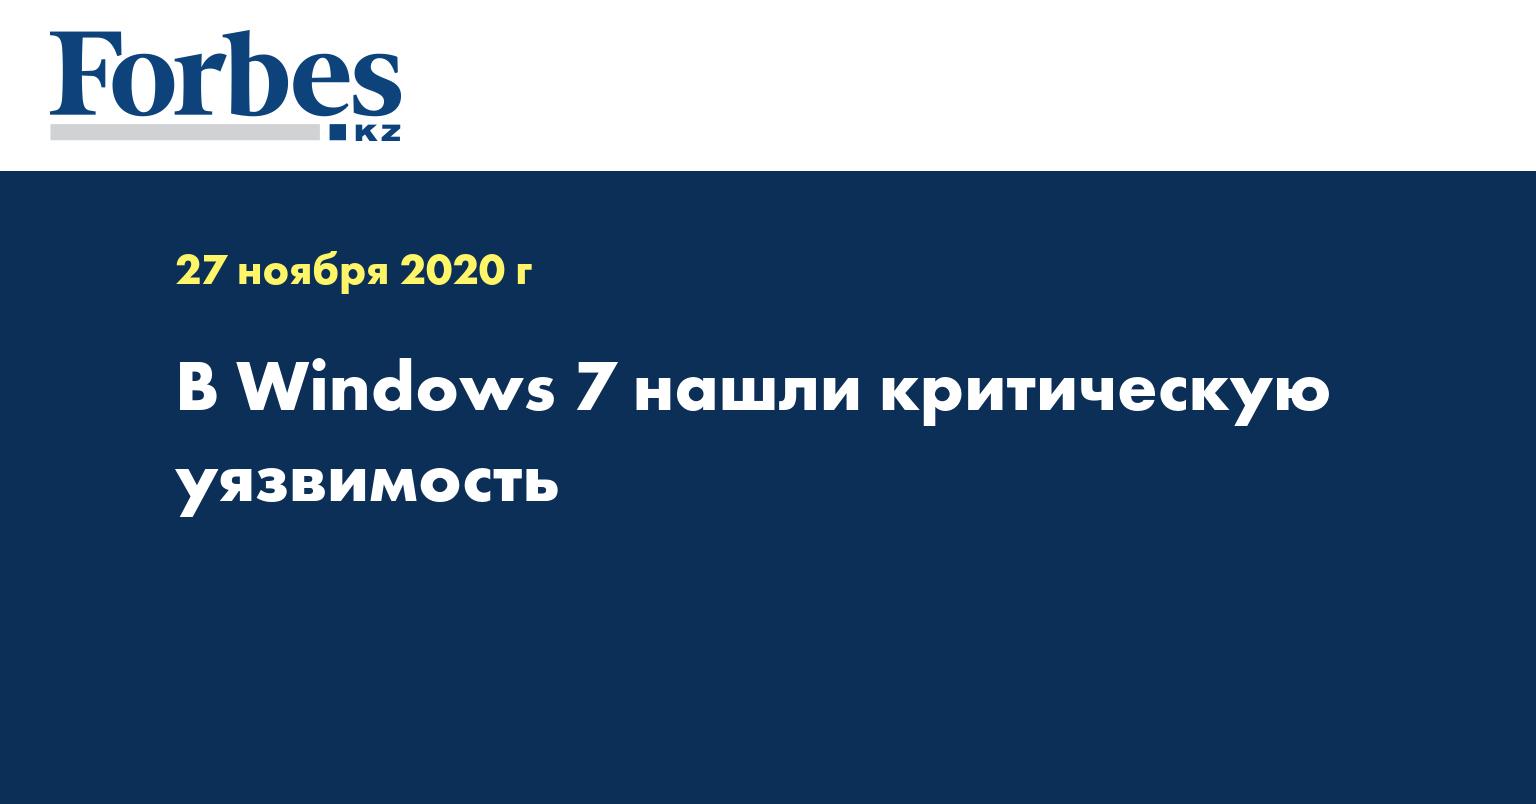 В Windows 7 нашли критическую уязвимость